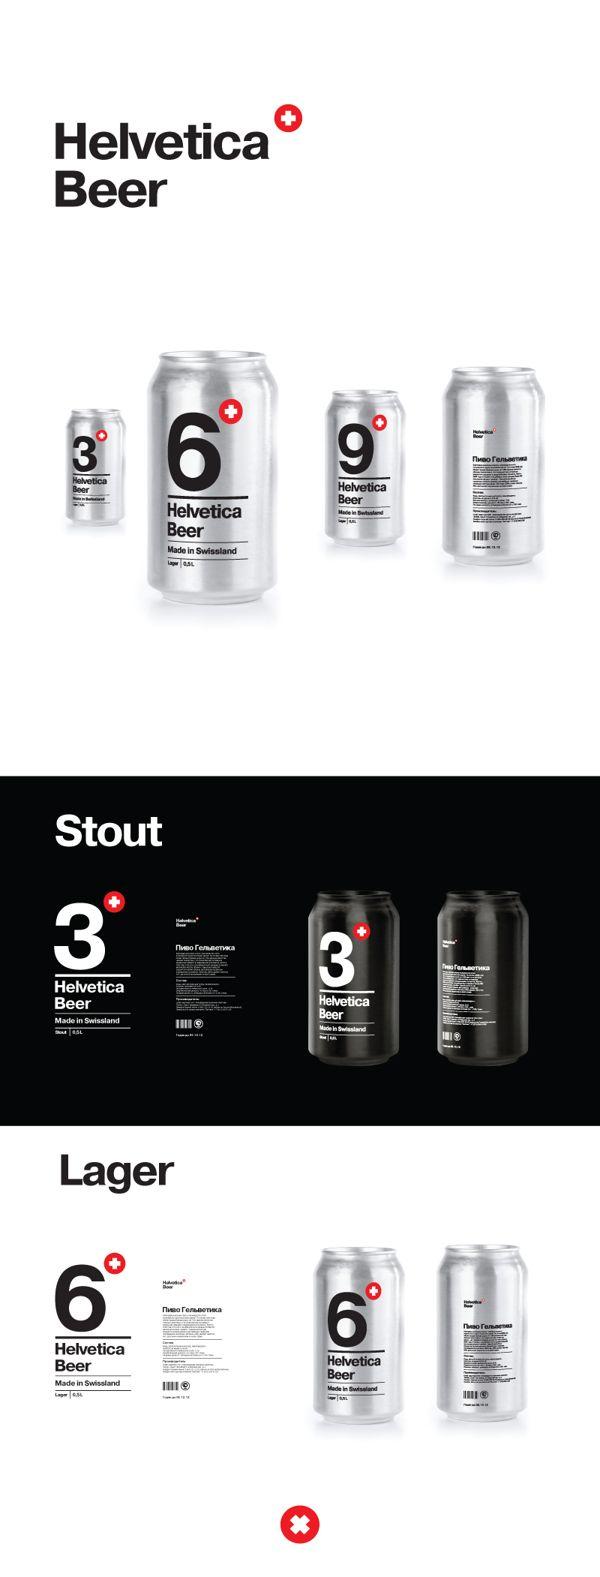 Helvetica Beer by Sasha Kischenko via Behance